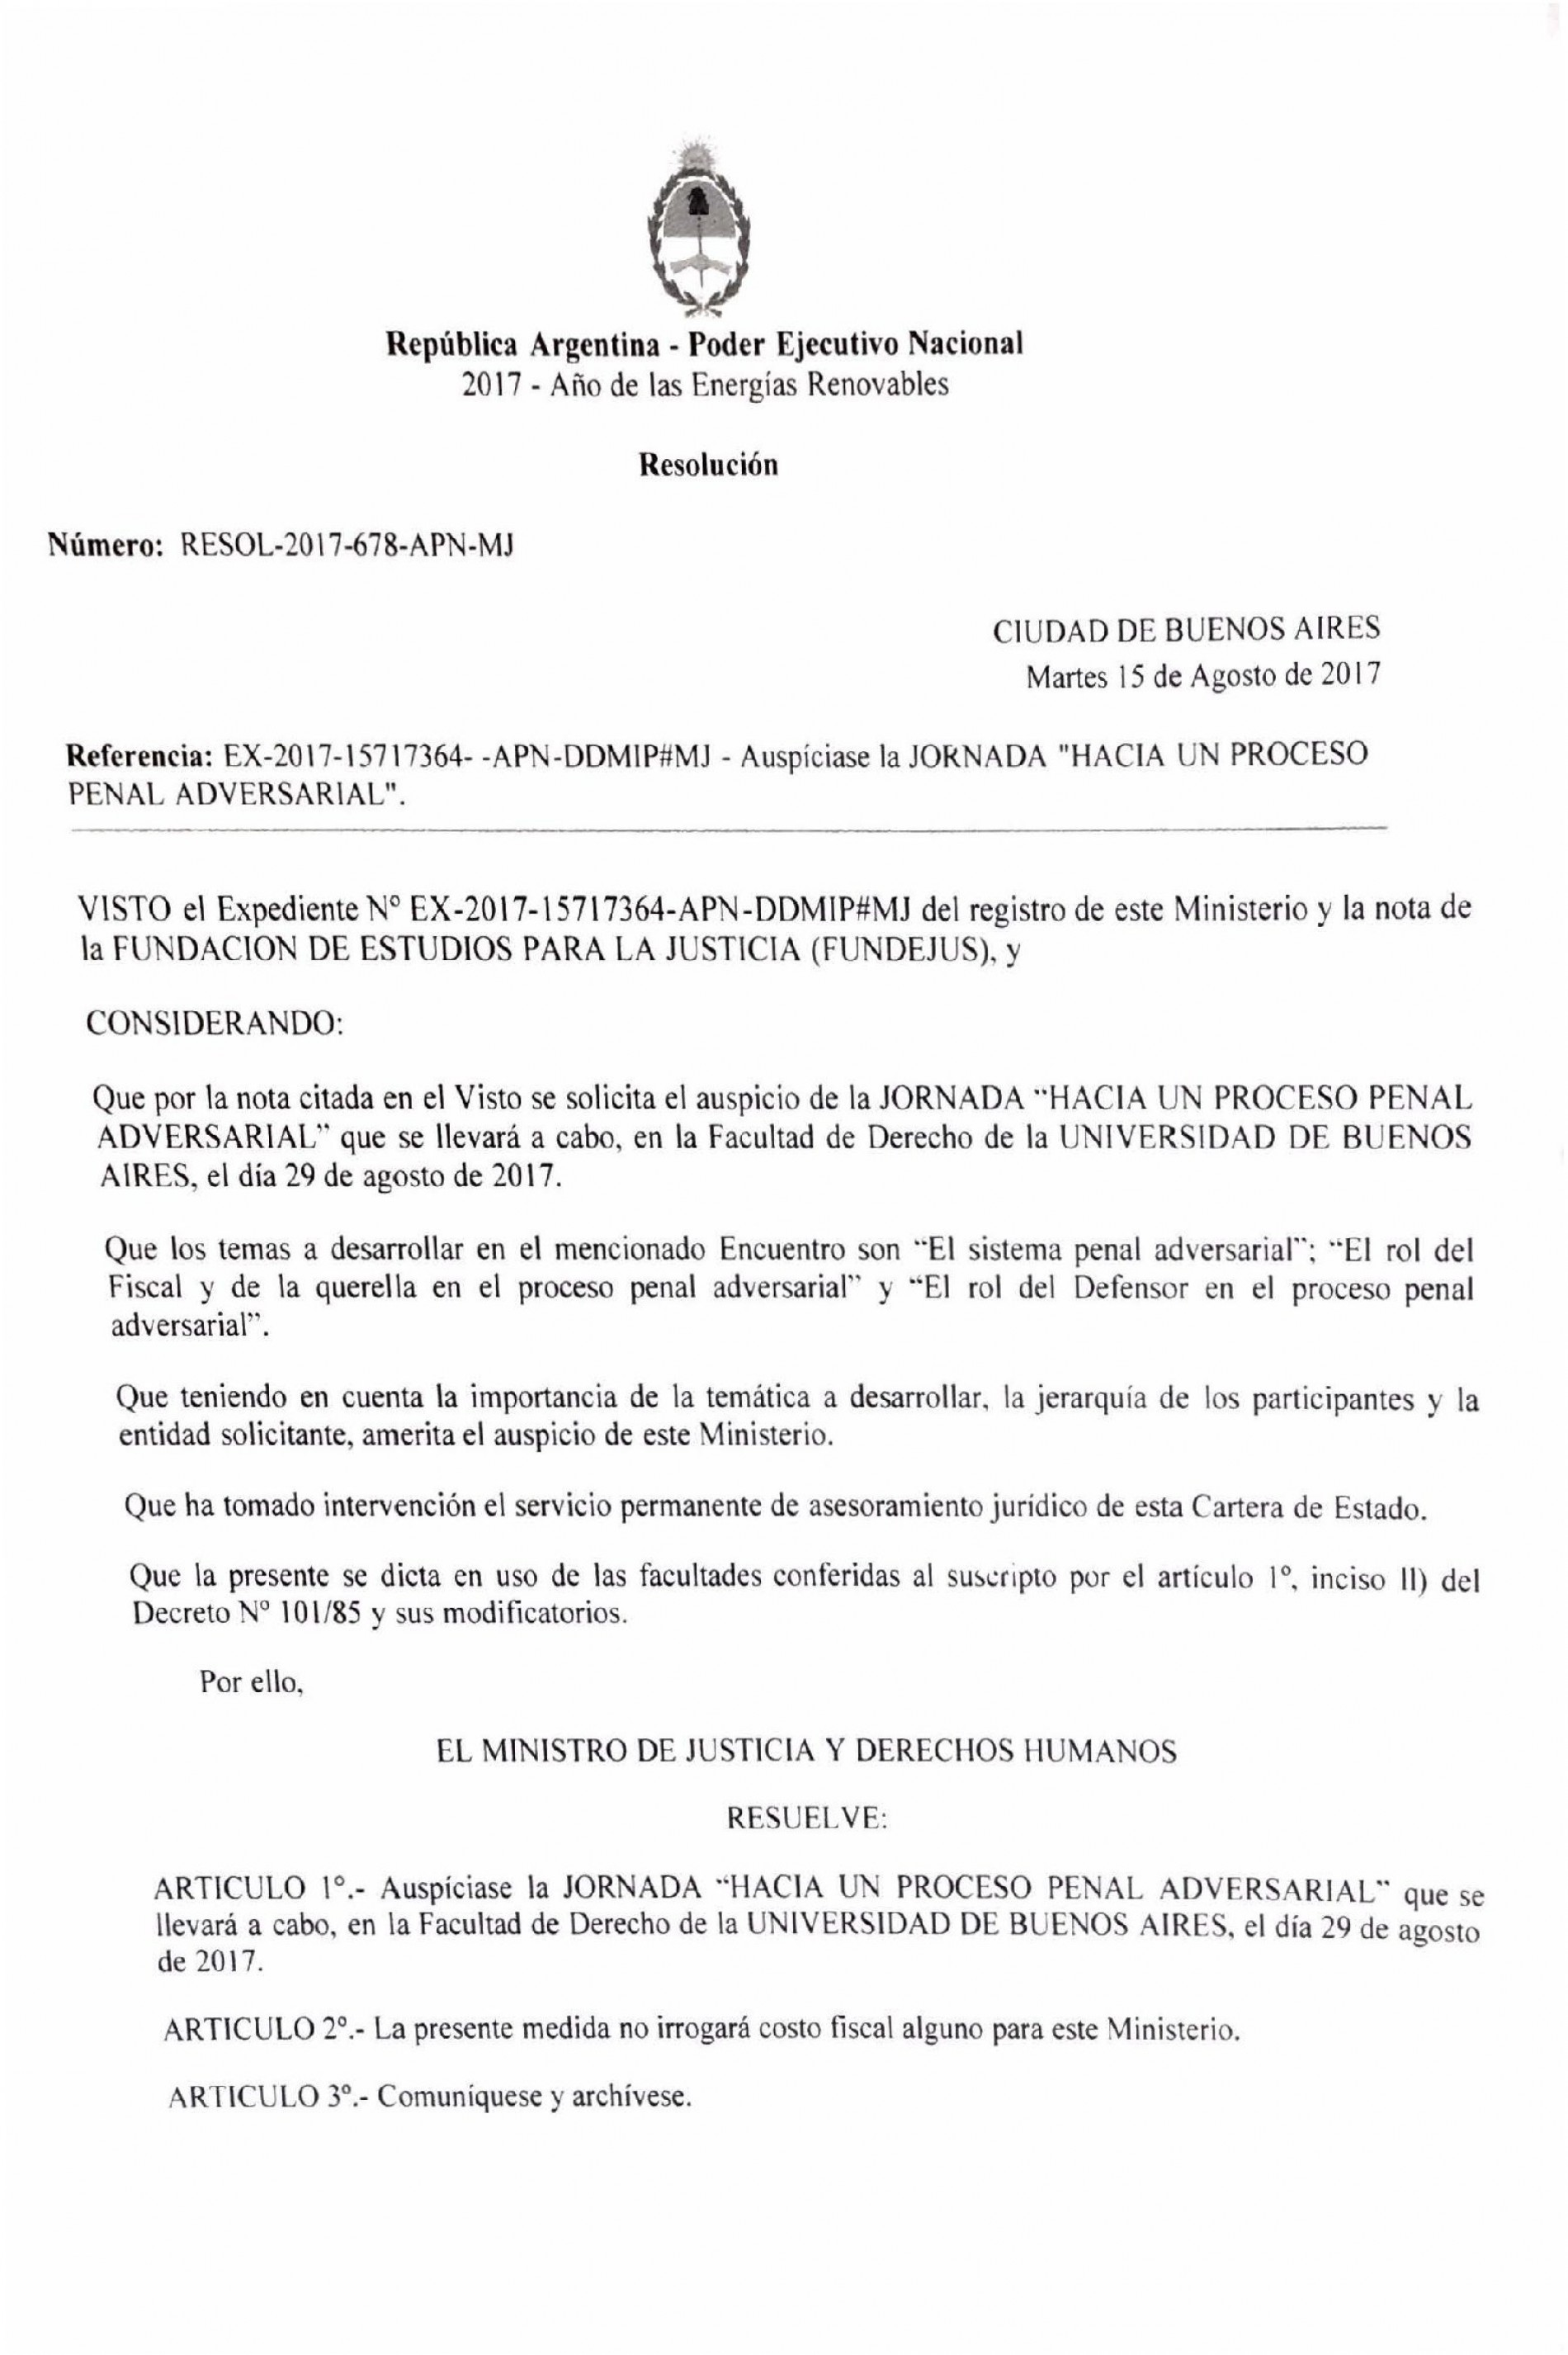 » Hacia un proceso penal adversarial «: Declaración de interés del Ministerio de Justicia y Derechos Humanos de la Nación